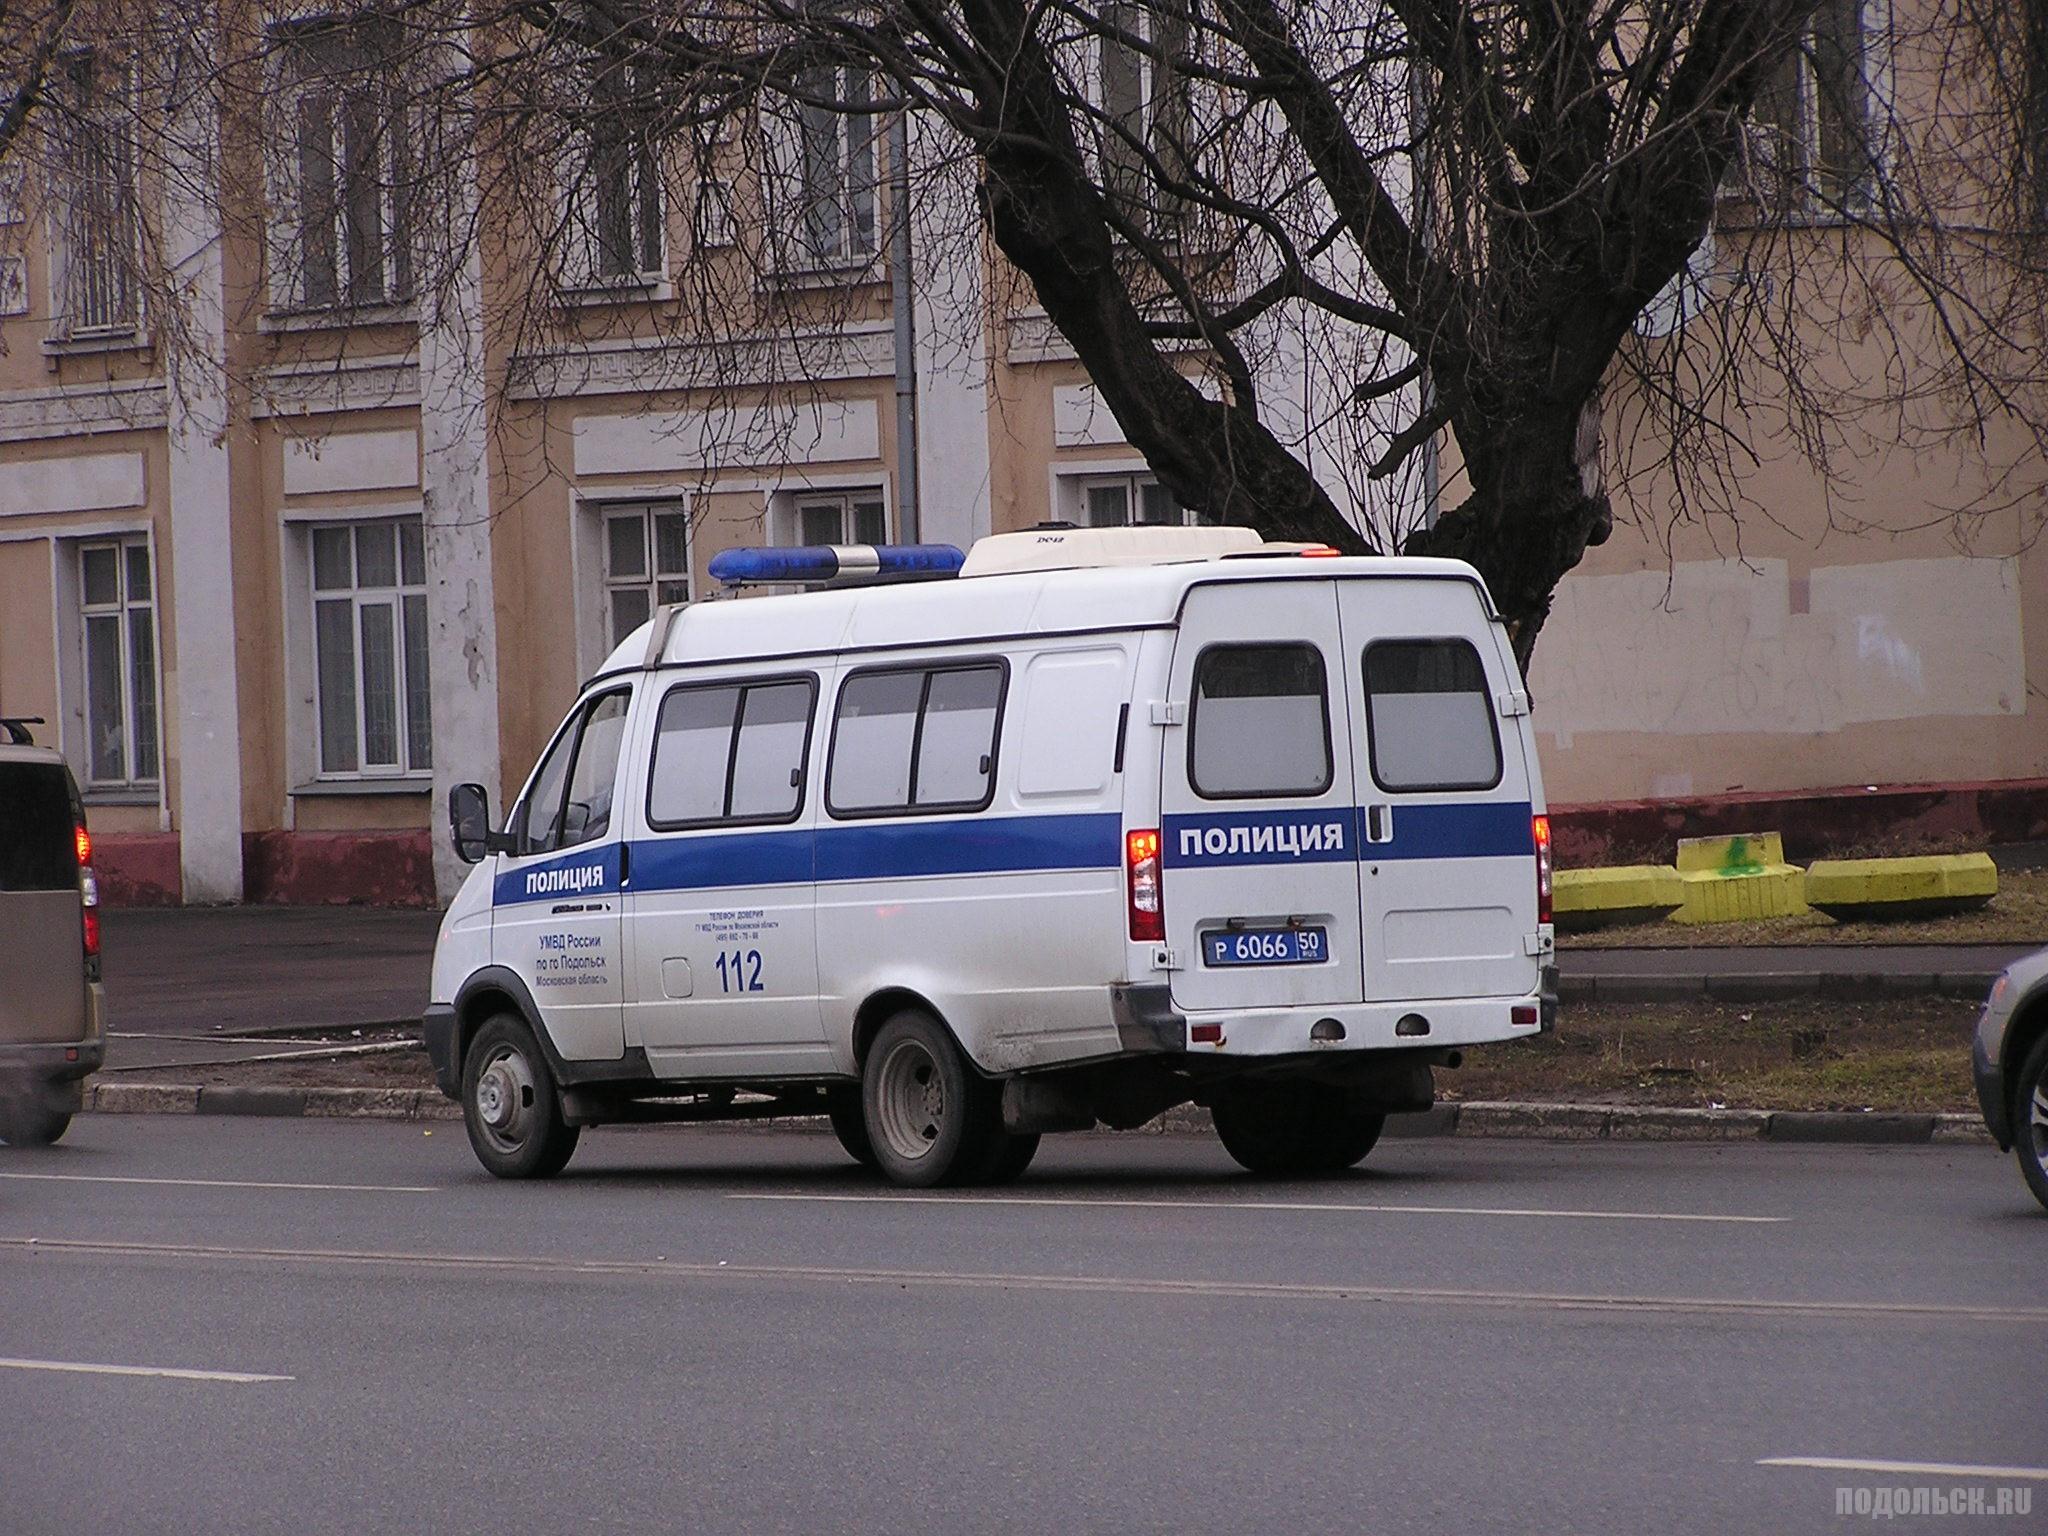 Машина полиции на проспекте Ленина в Подольске. 2 апреля 2017.